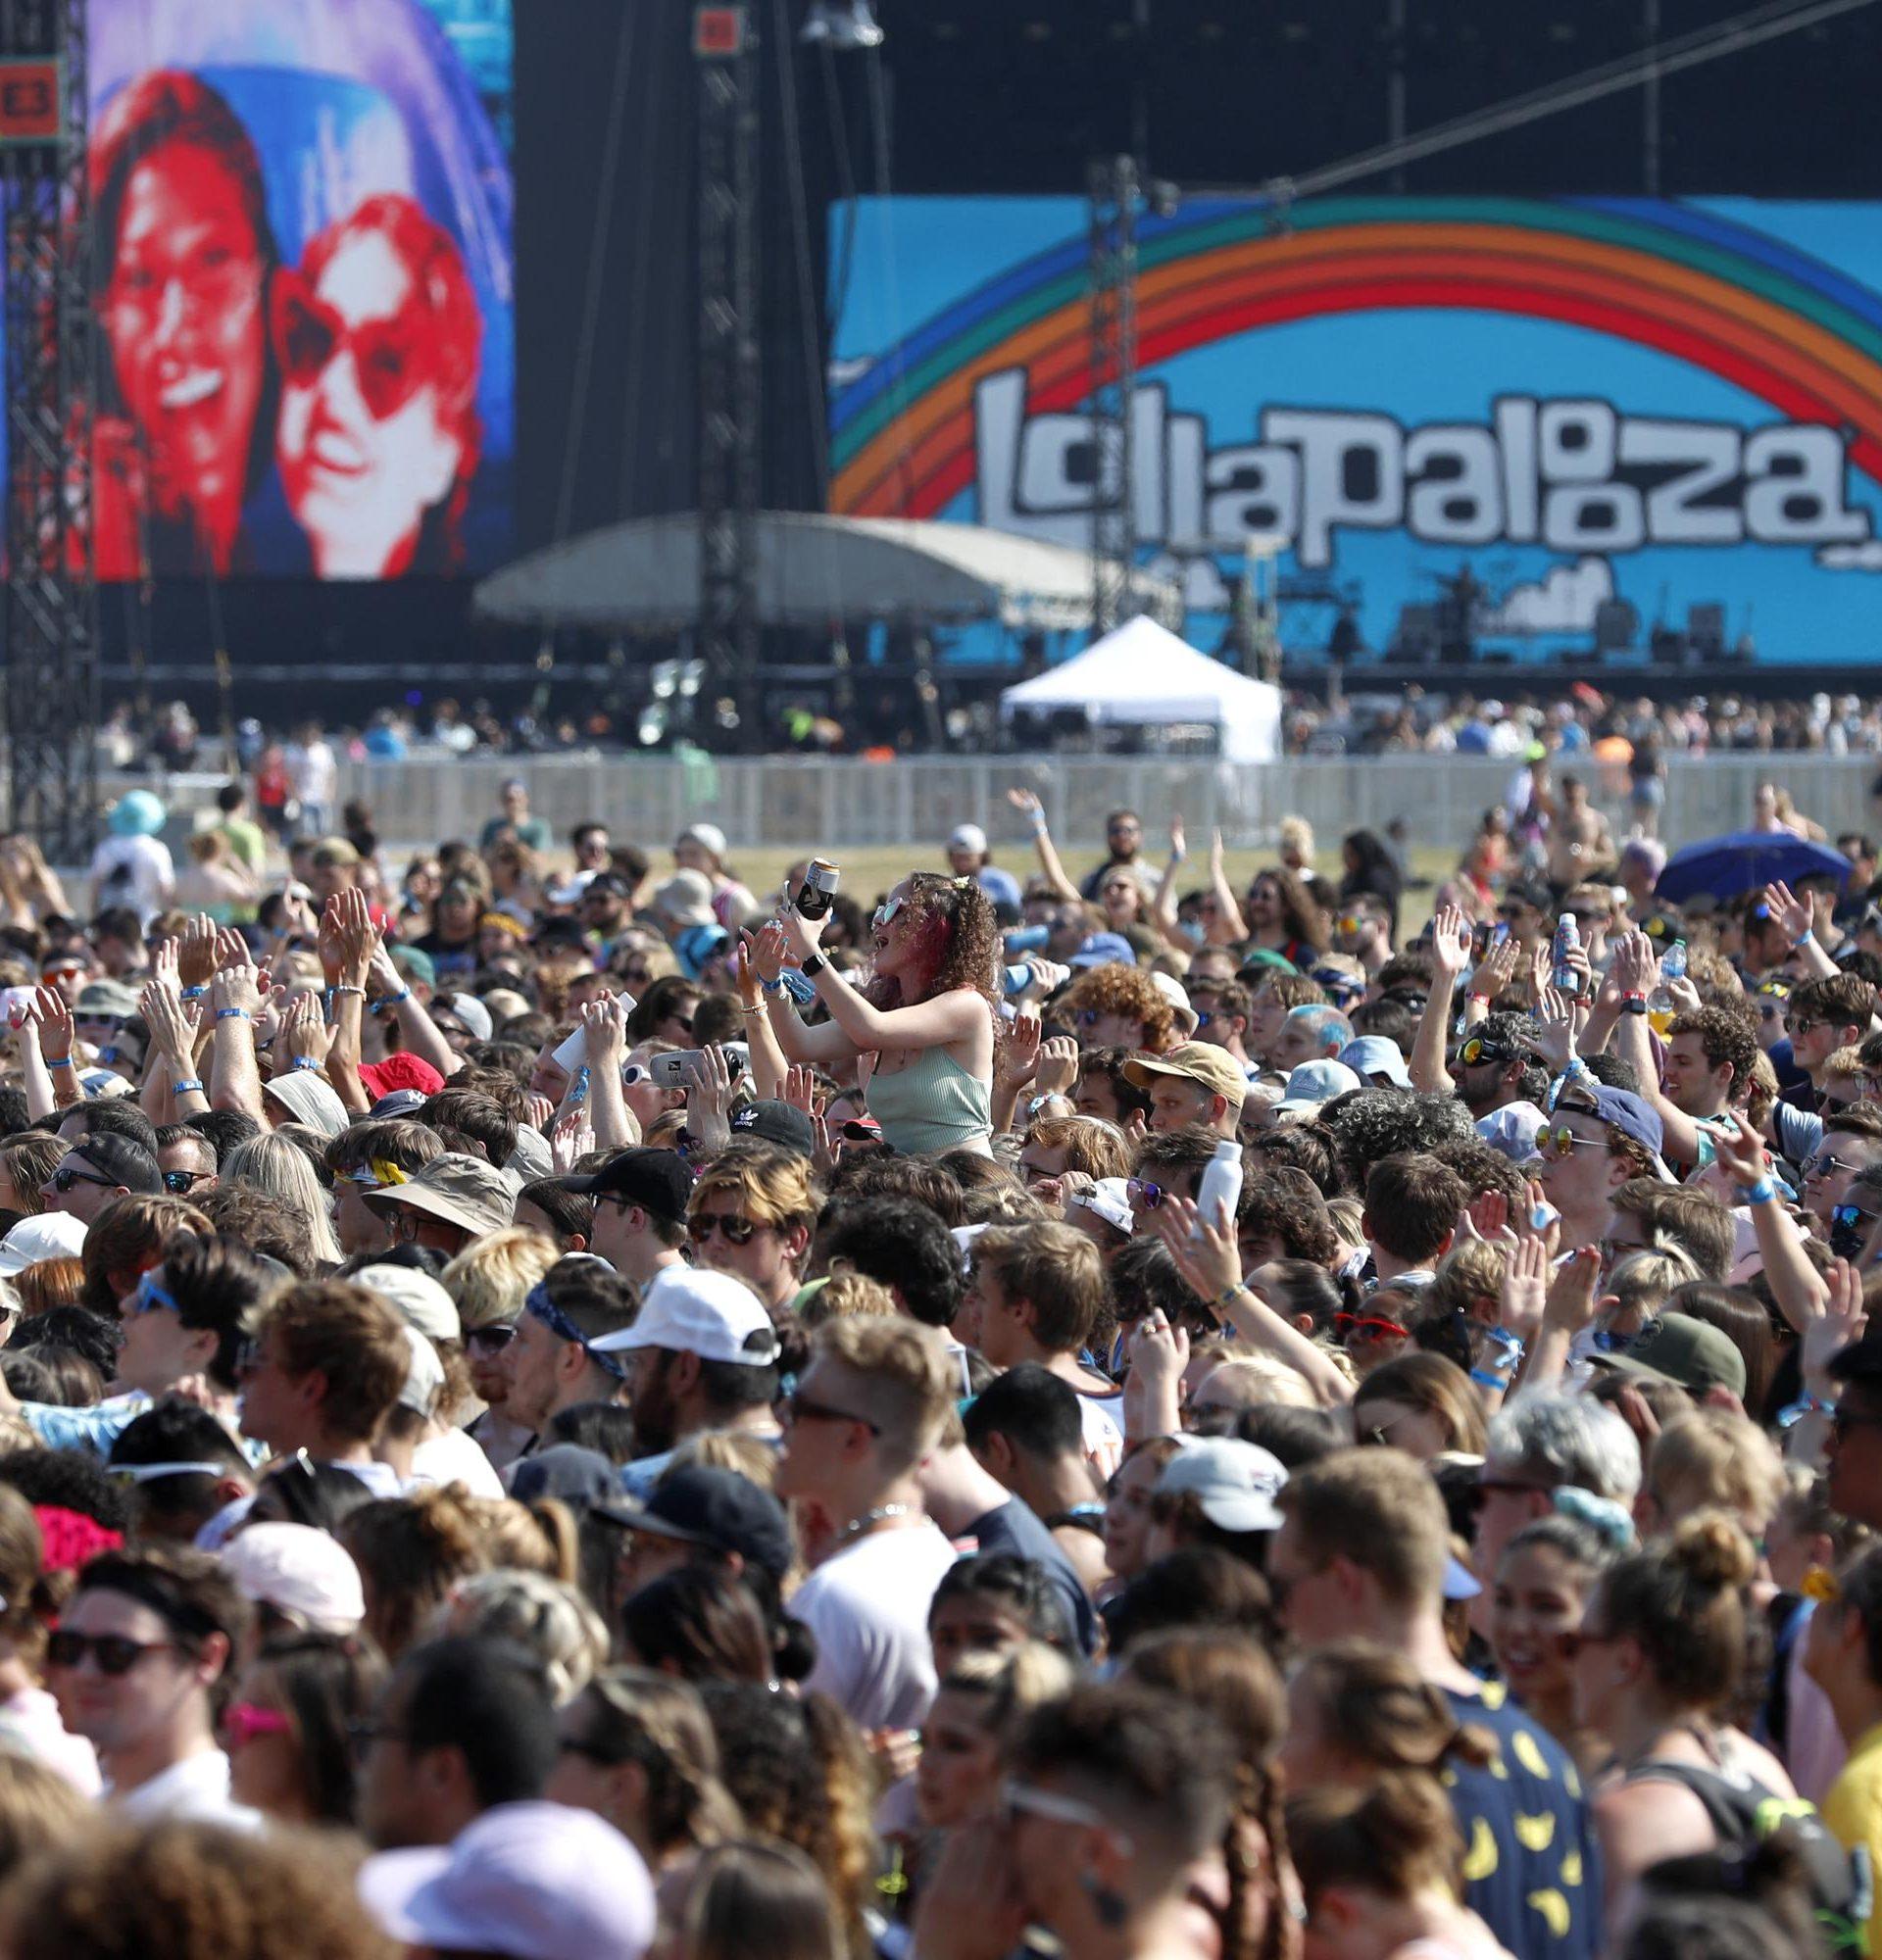 Acara Event Hari Kaset Musik Dunia di USA yang Menjadi Favorit Bagi Masyarakat Dunia